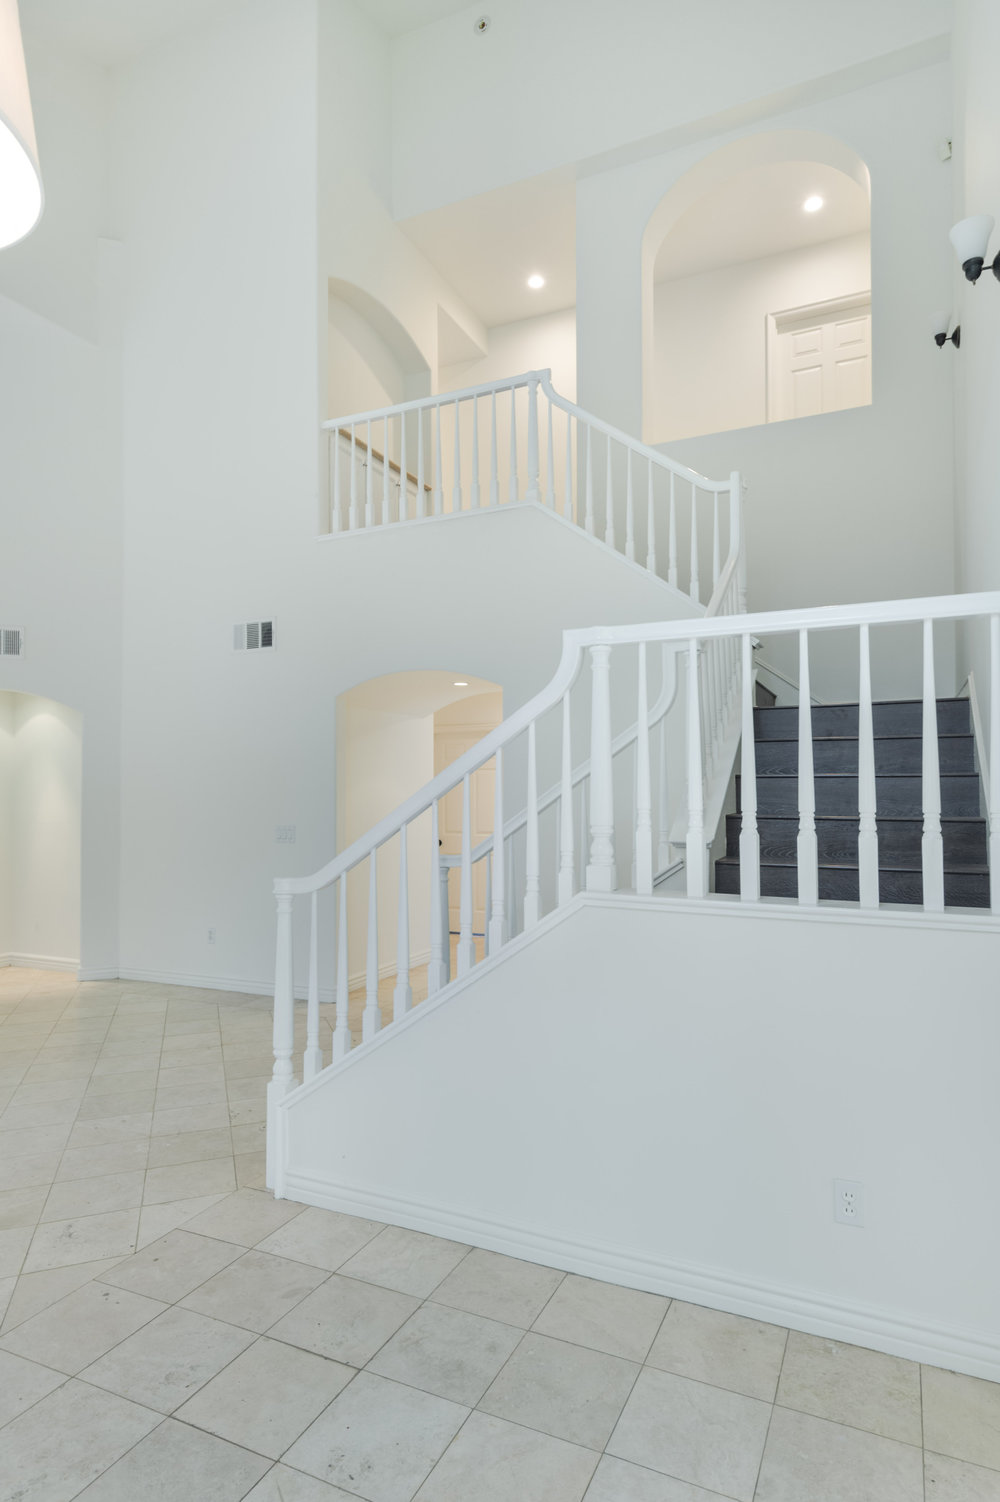 006_stairs2.jpg